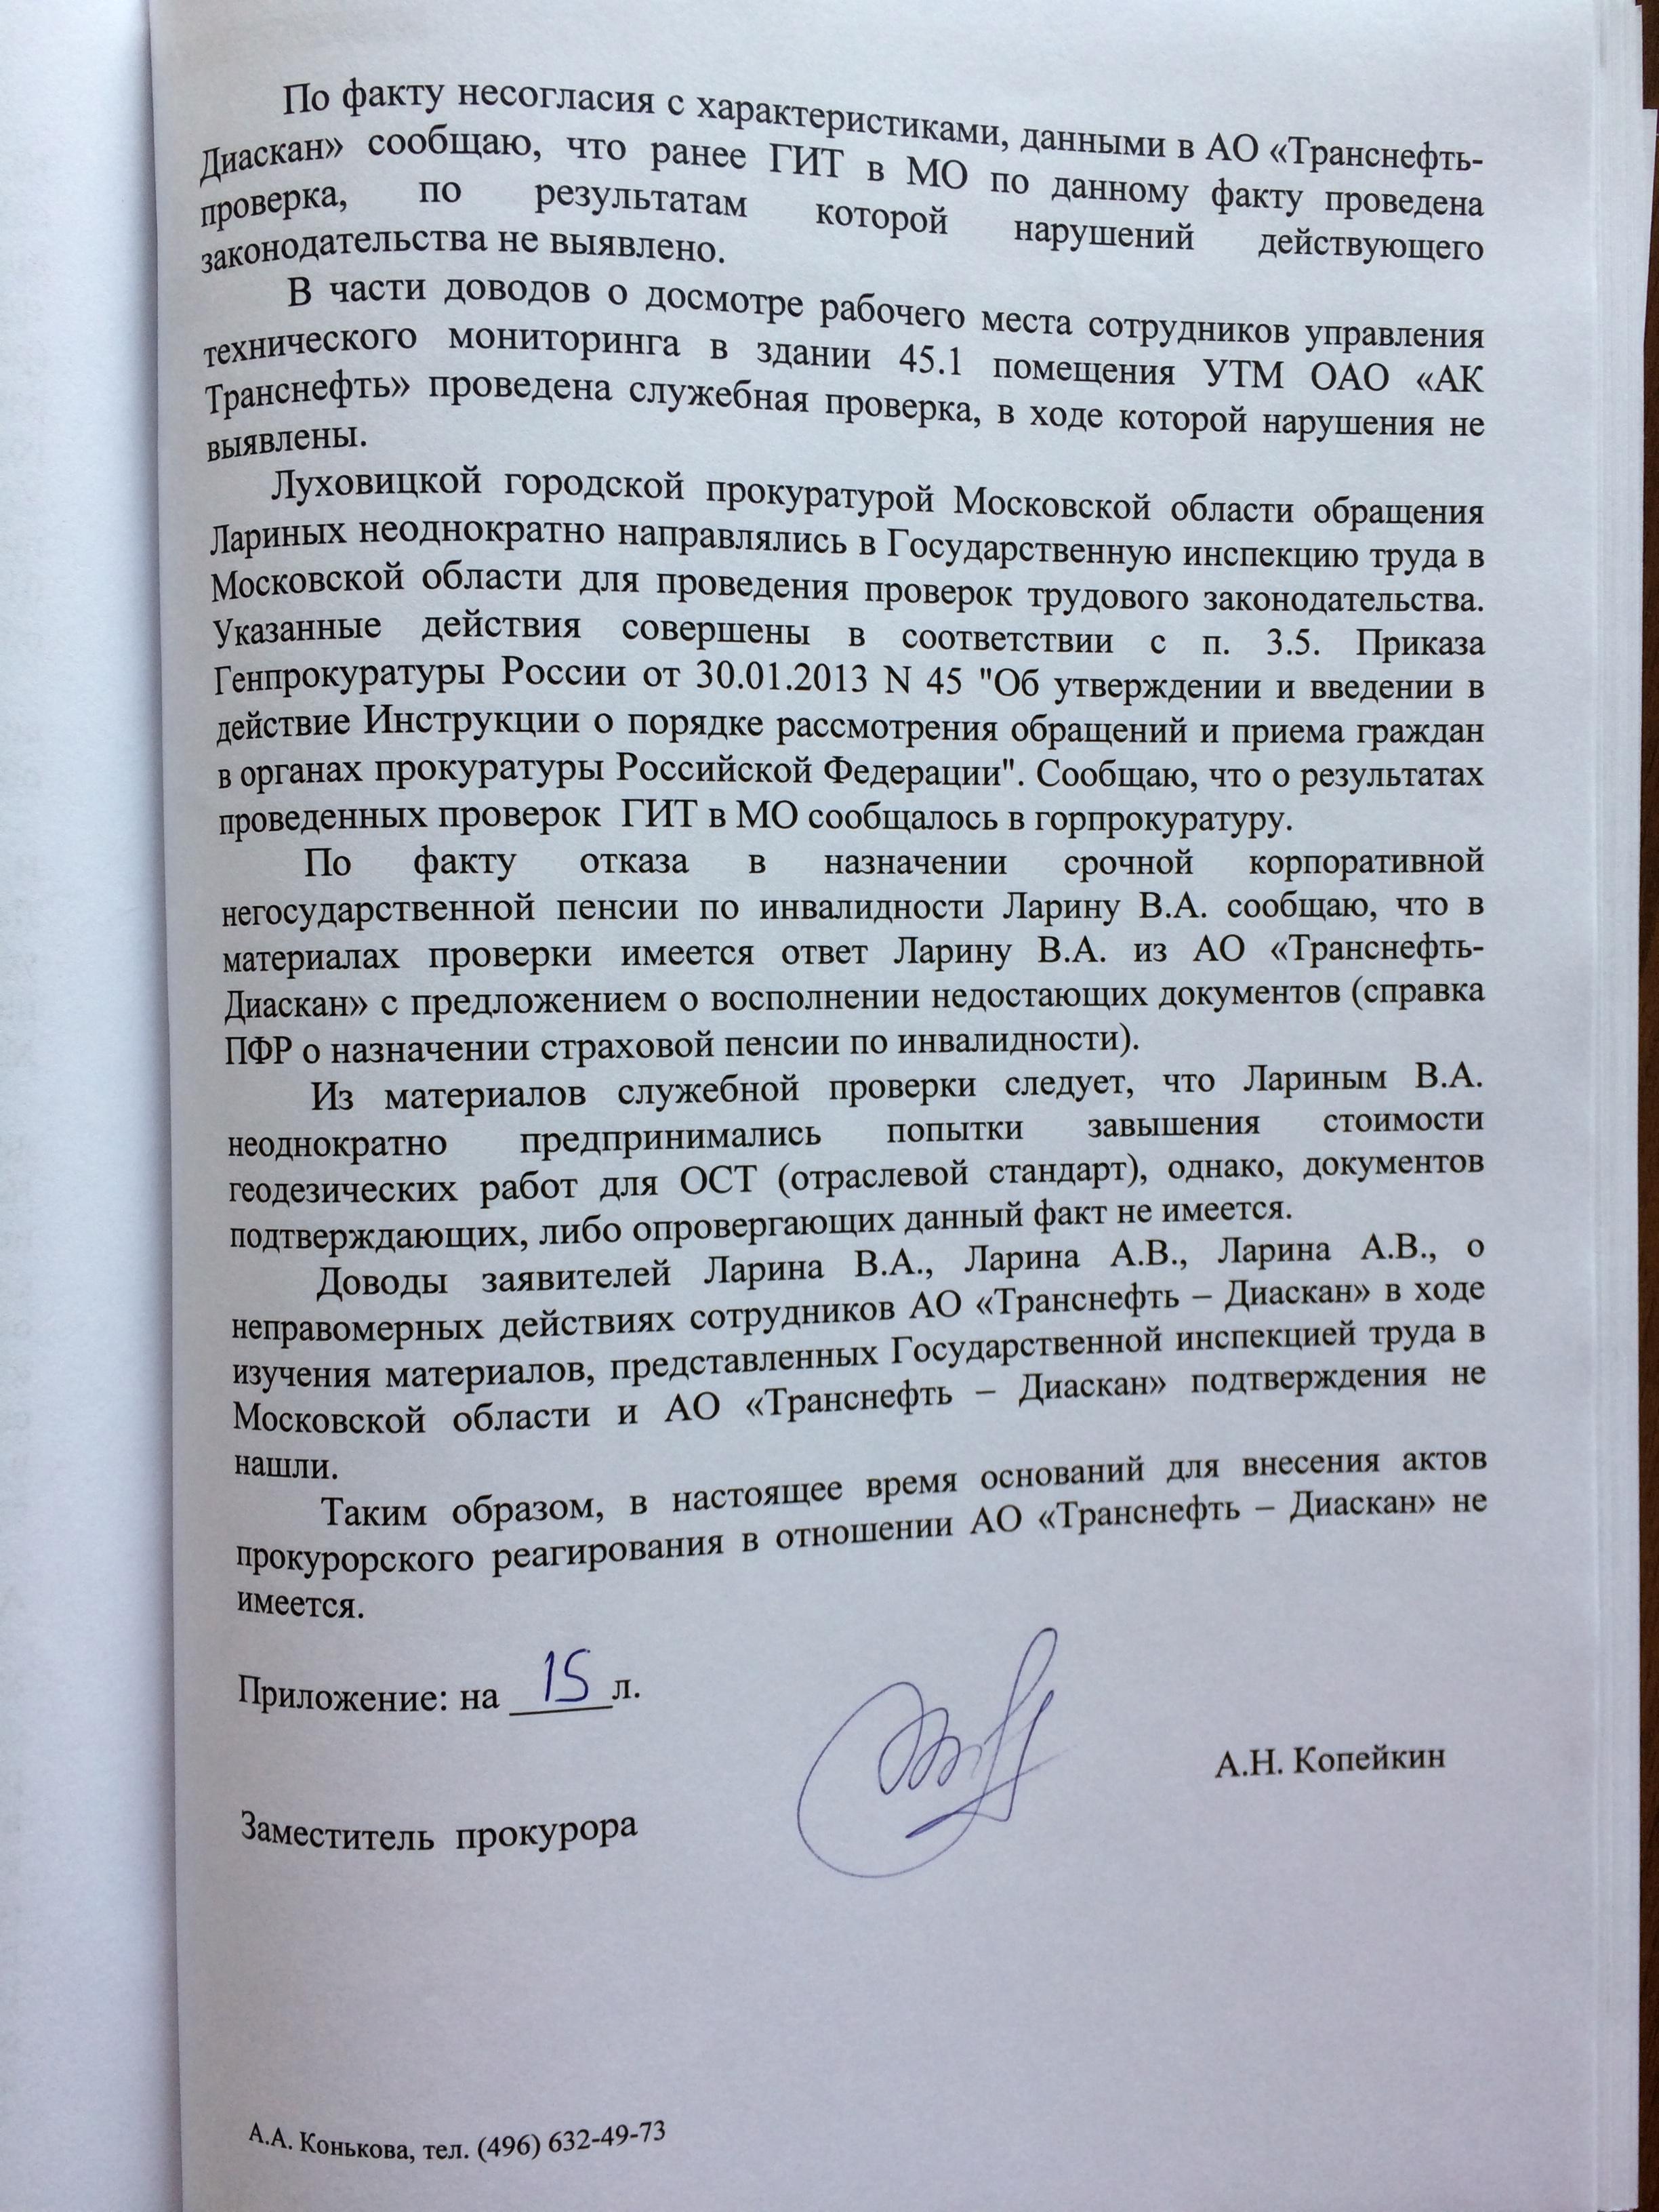 Фото документов проверки Луховицкой городской прокуратурой - 112 (5)